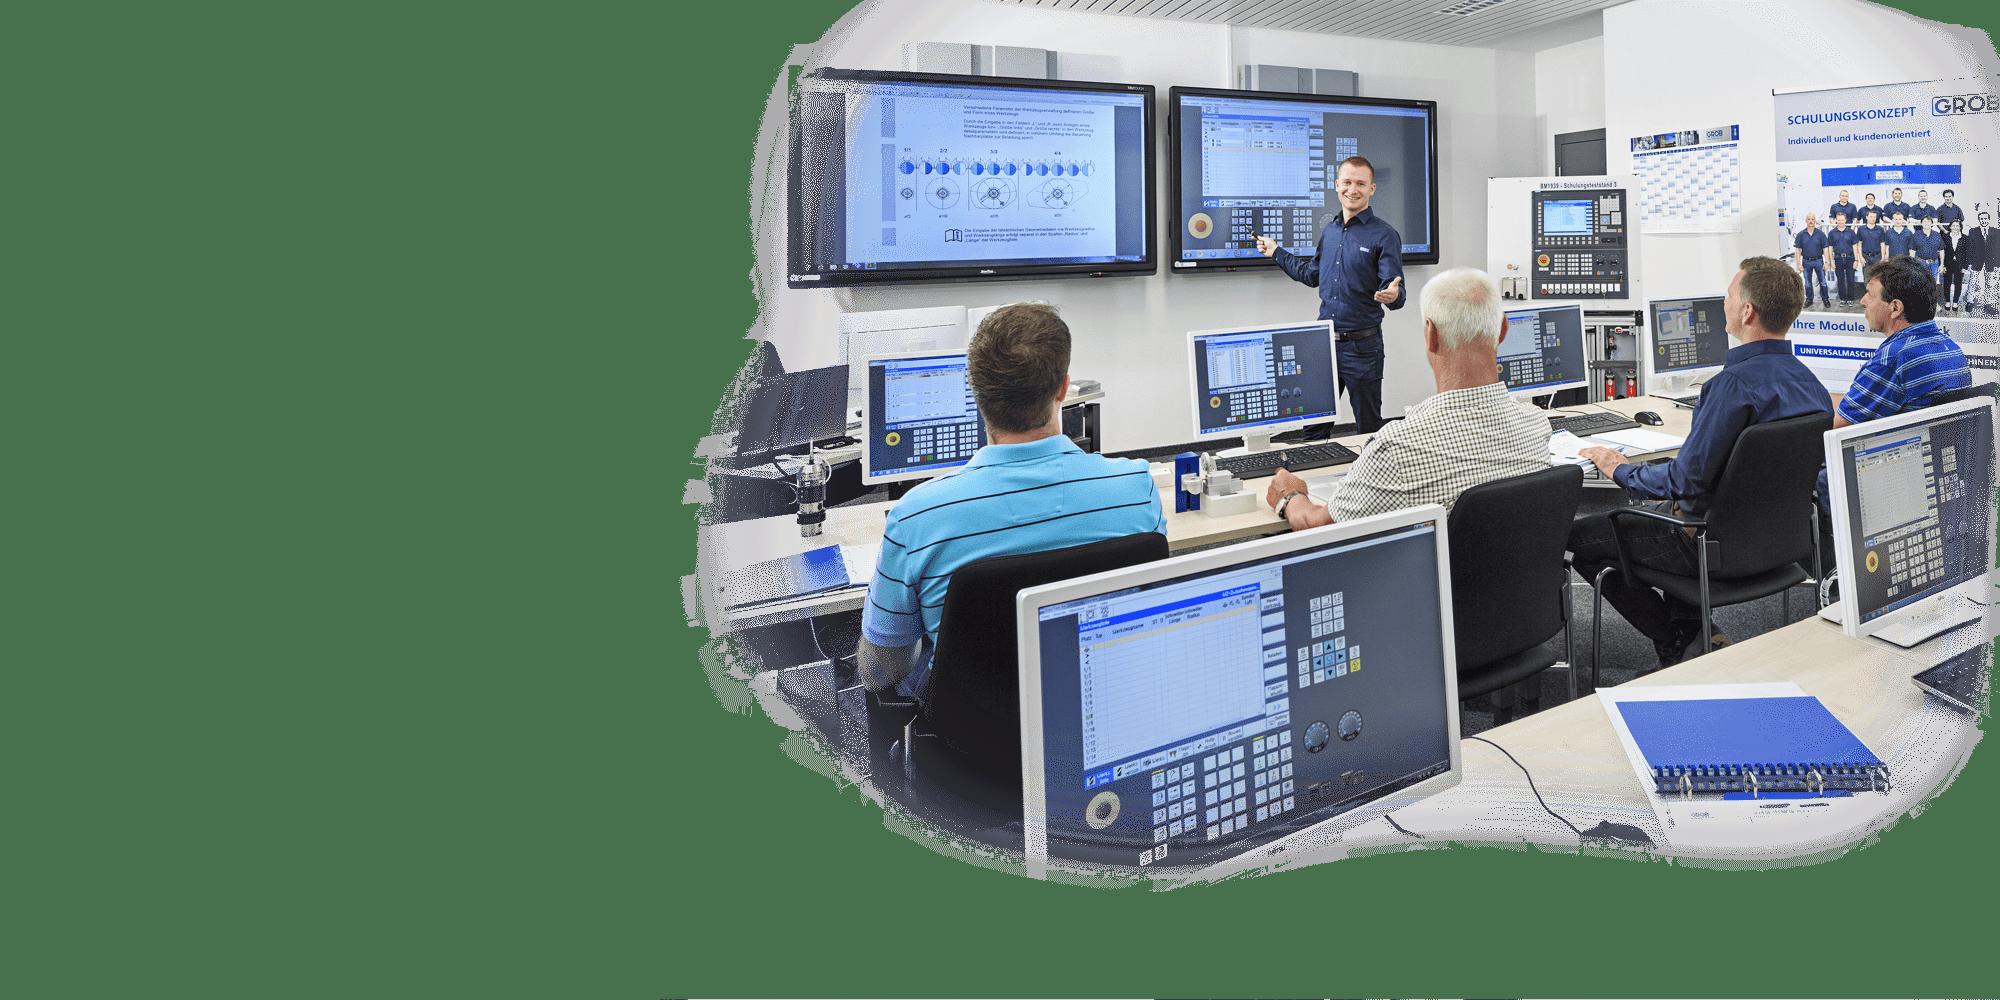 Die GROB-Schulungfür Heidenhain-und Siemens-Steuerungen